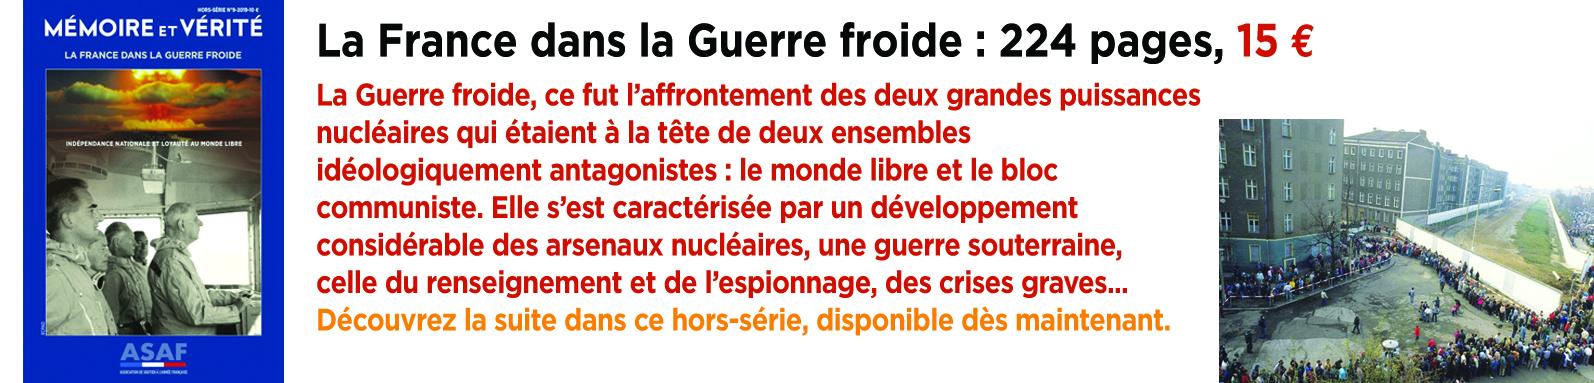 HS 9 bandeau La France dans la Guerre froide